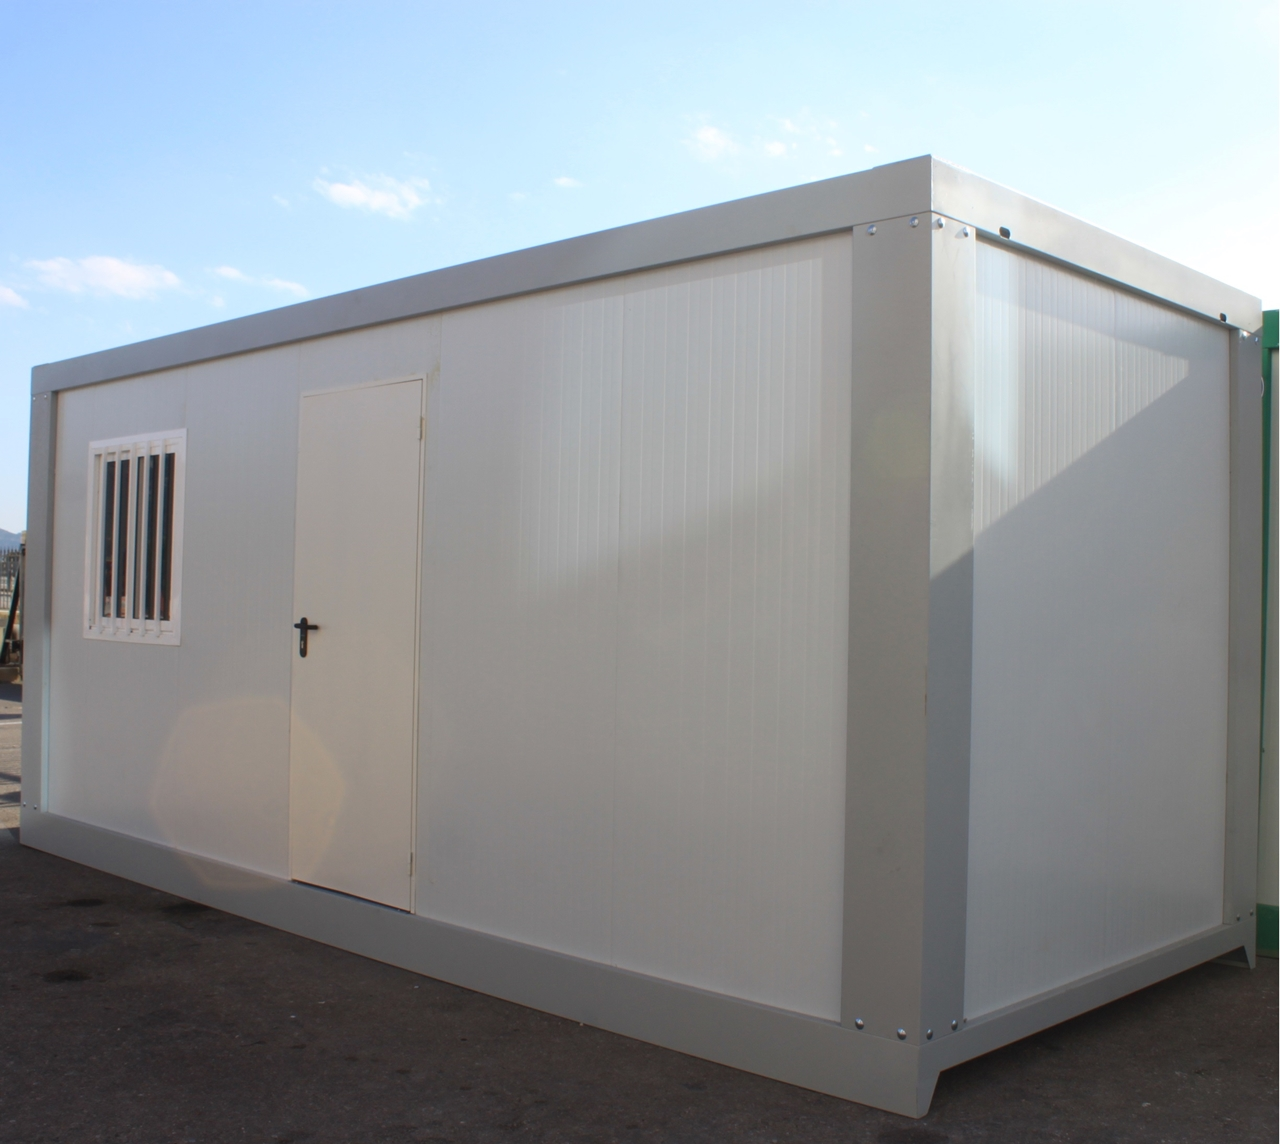 Caseta prefabricada di fana 6 metros globen - Casetas de campo prefabricadas ...